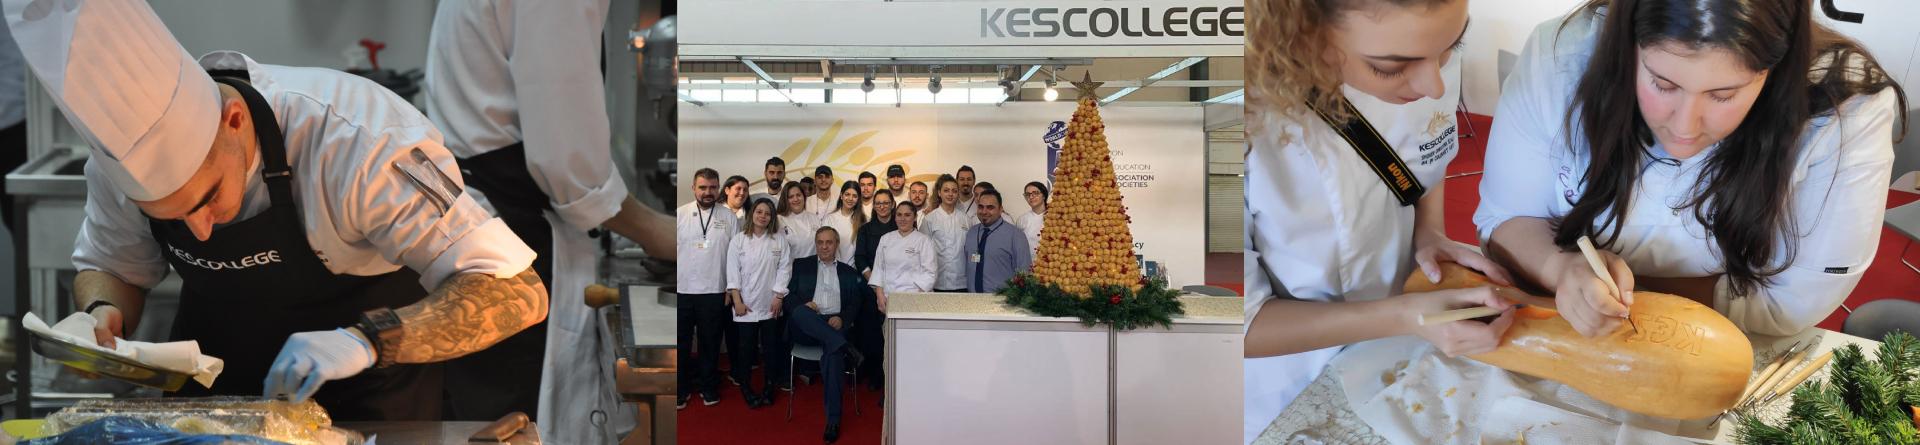 Σημαντικές Διακρίσεις κατά τον Παγκύπριο Διαγωνισμό Μαγειρικής Gastronomia – HO.RE.CA. 2019